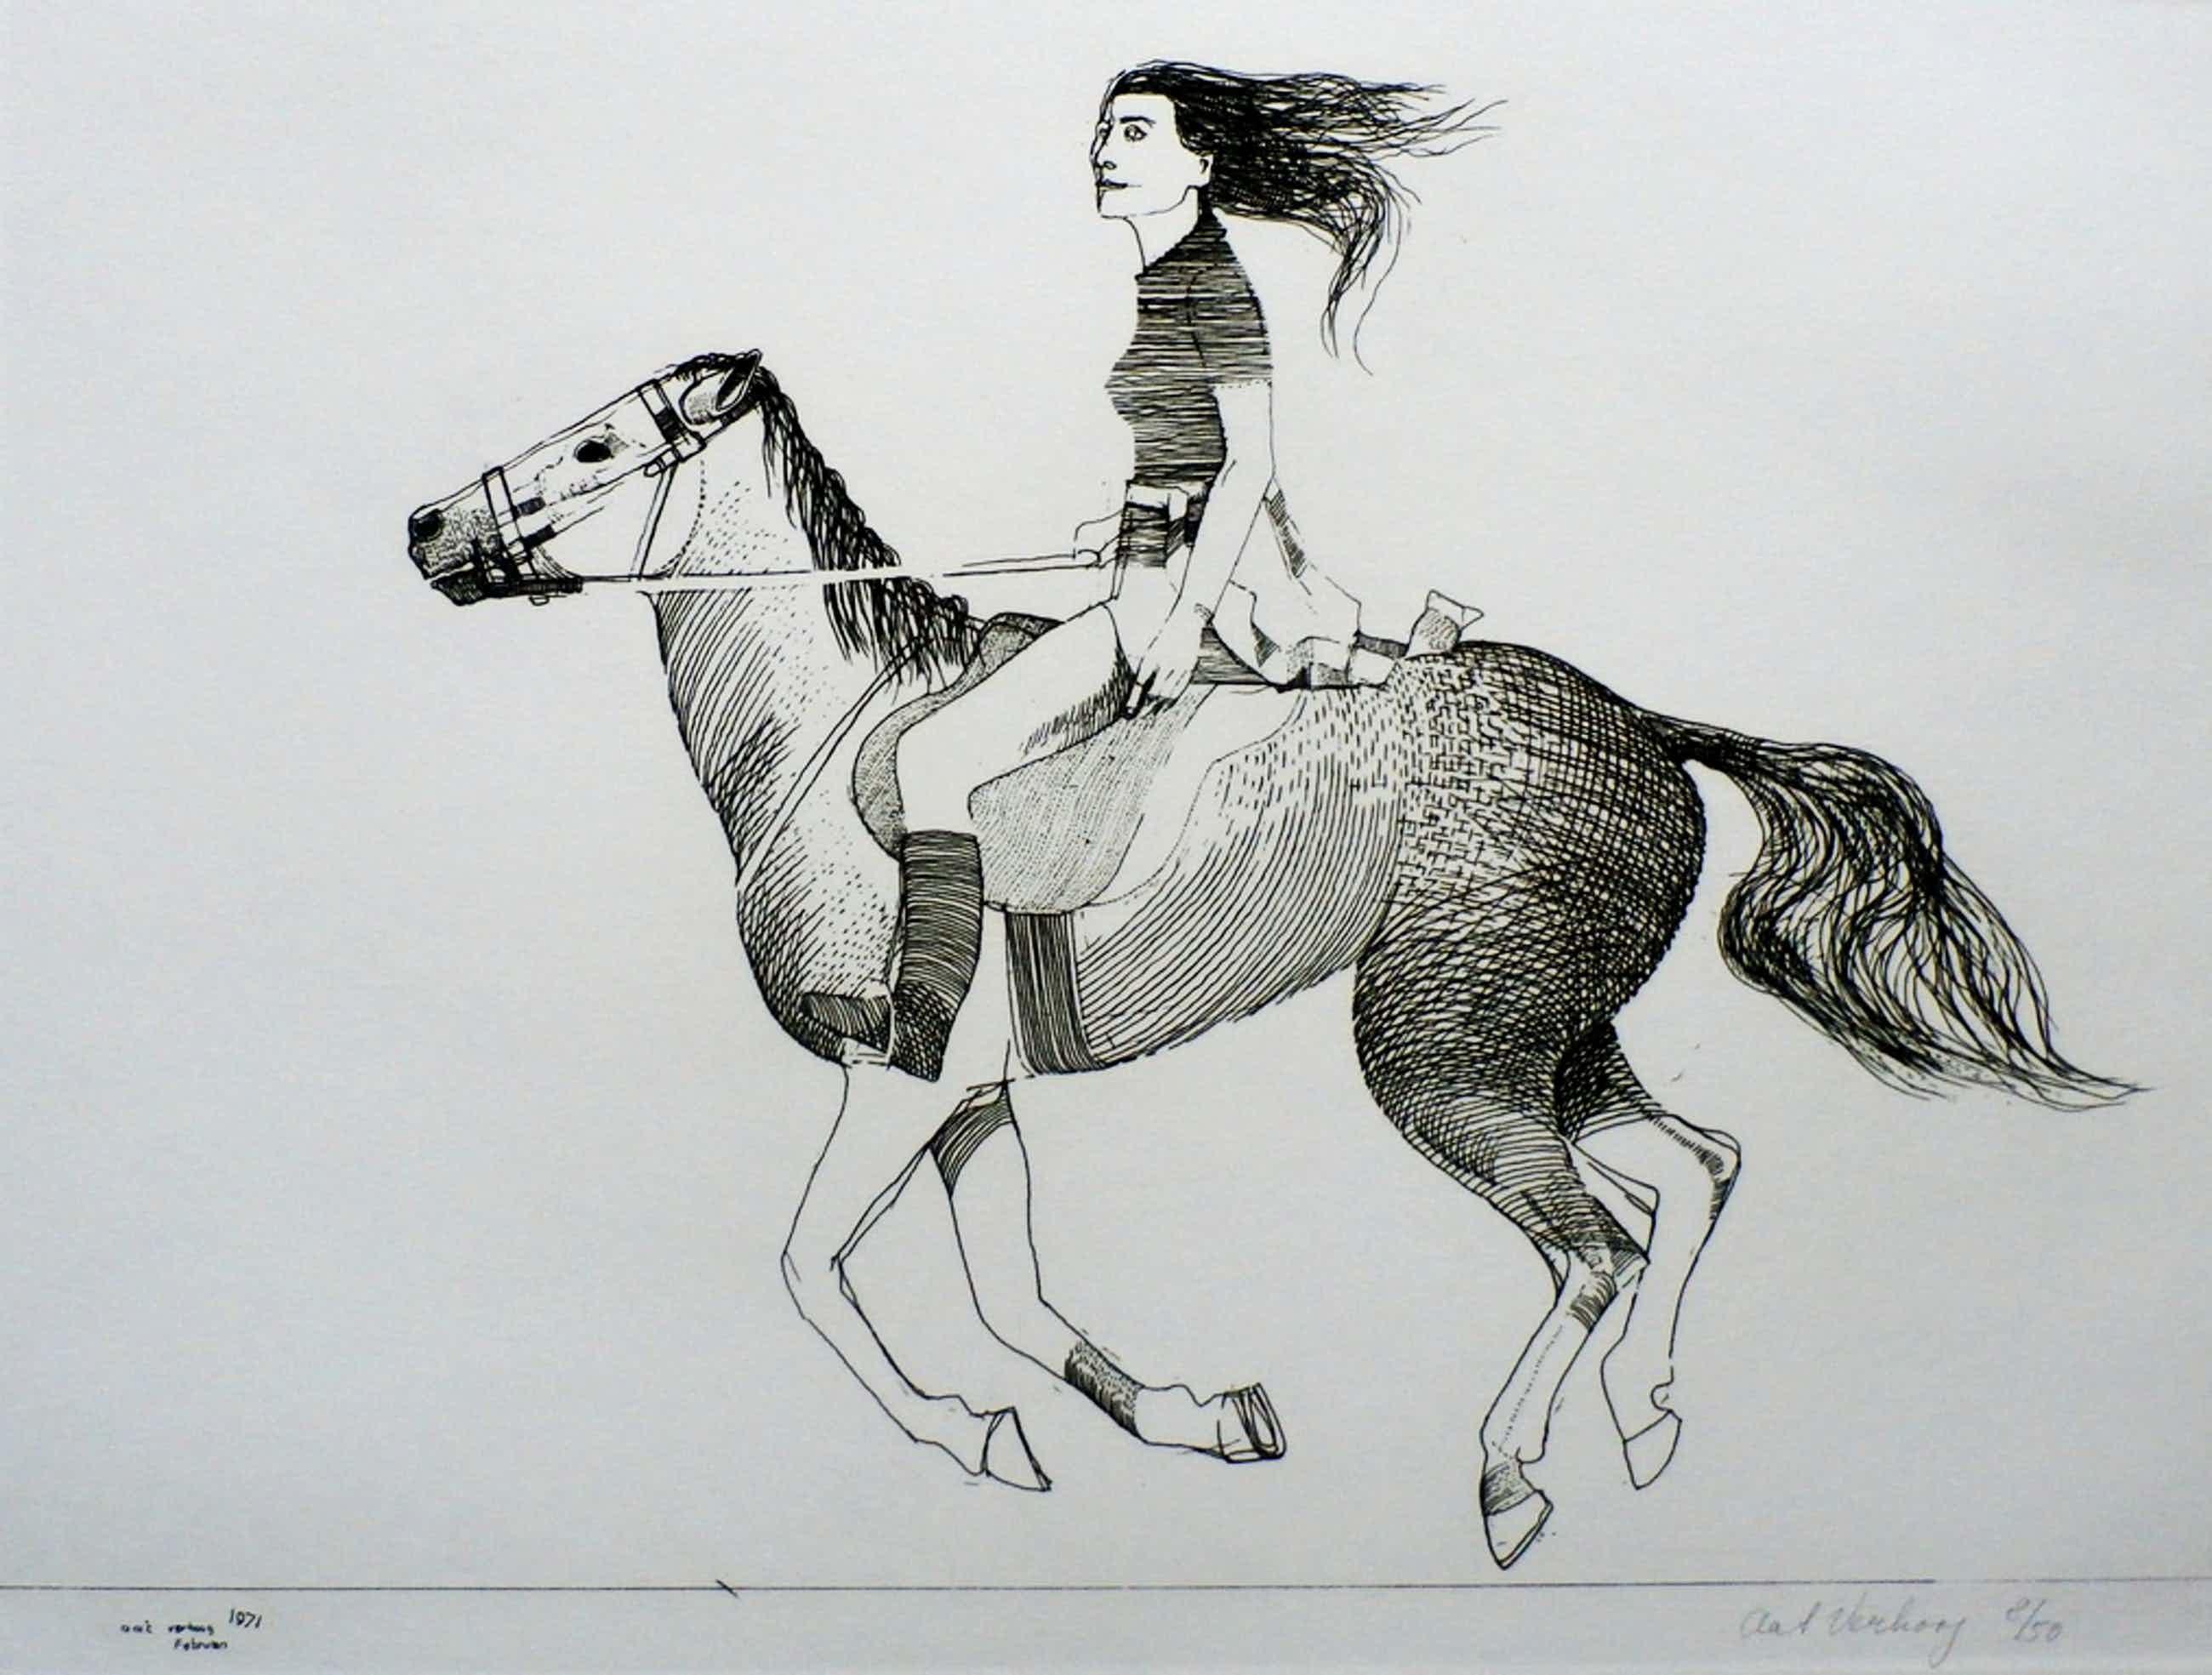 Aat verhoog - ets: meisje op paard - 1971 kopen? Bied vanaf 50!